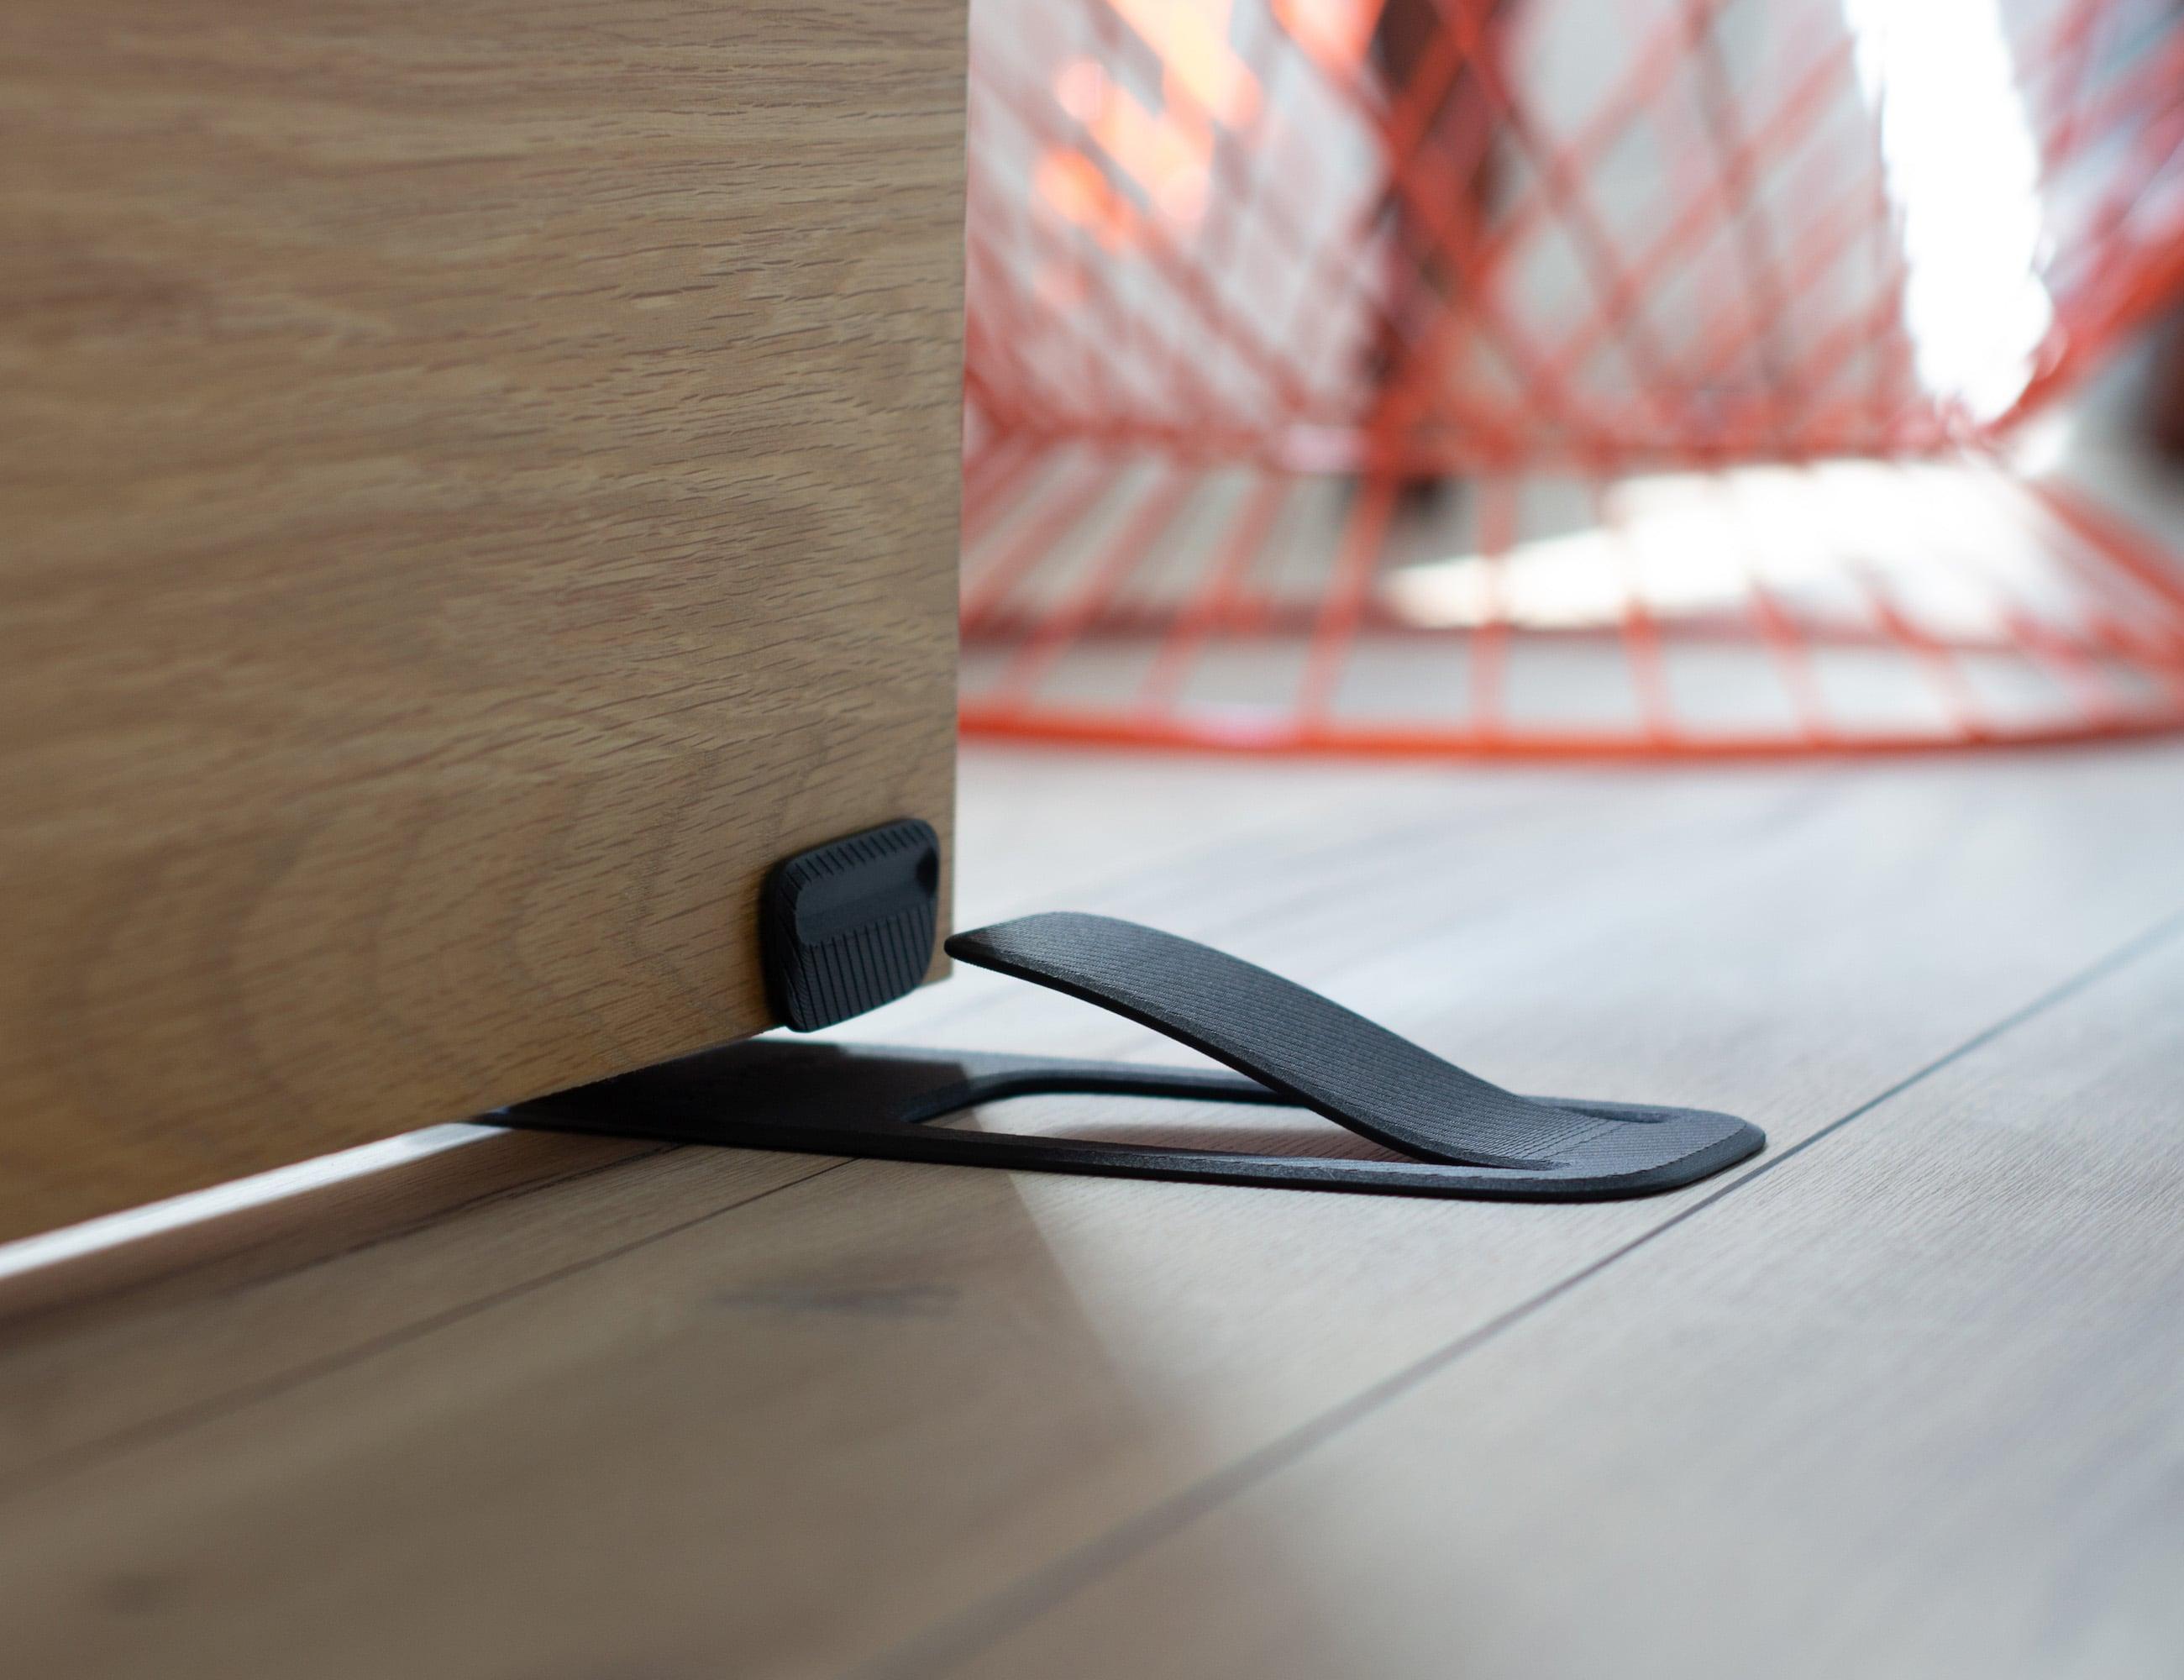 Spring Innovative Door Stopper properly holds your door open